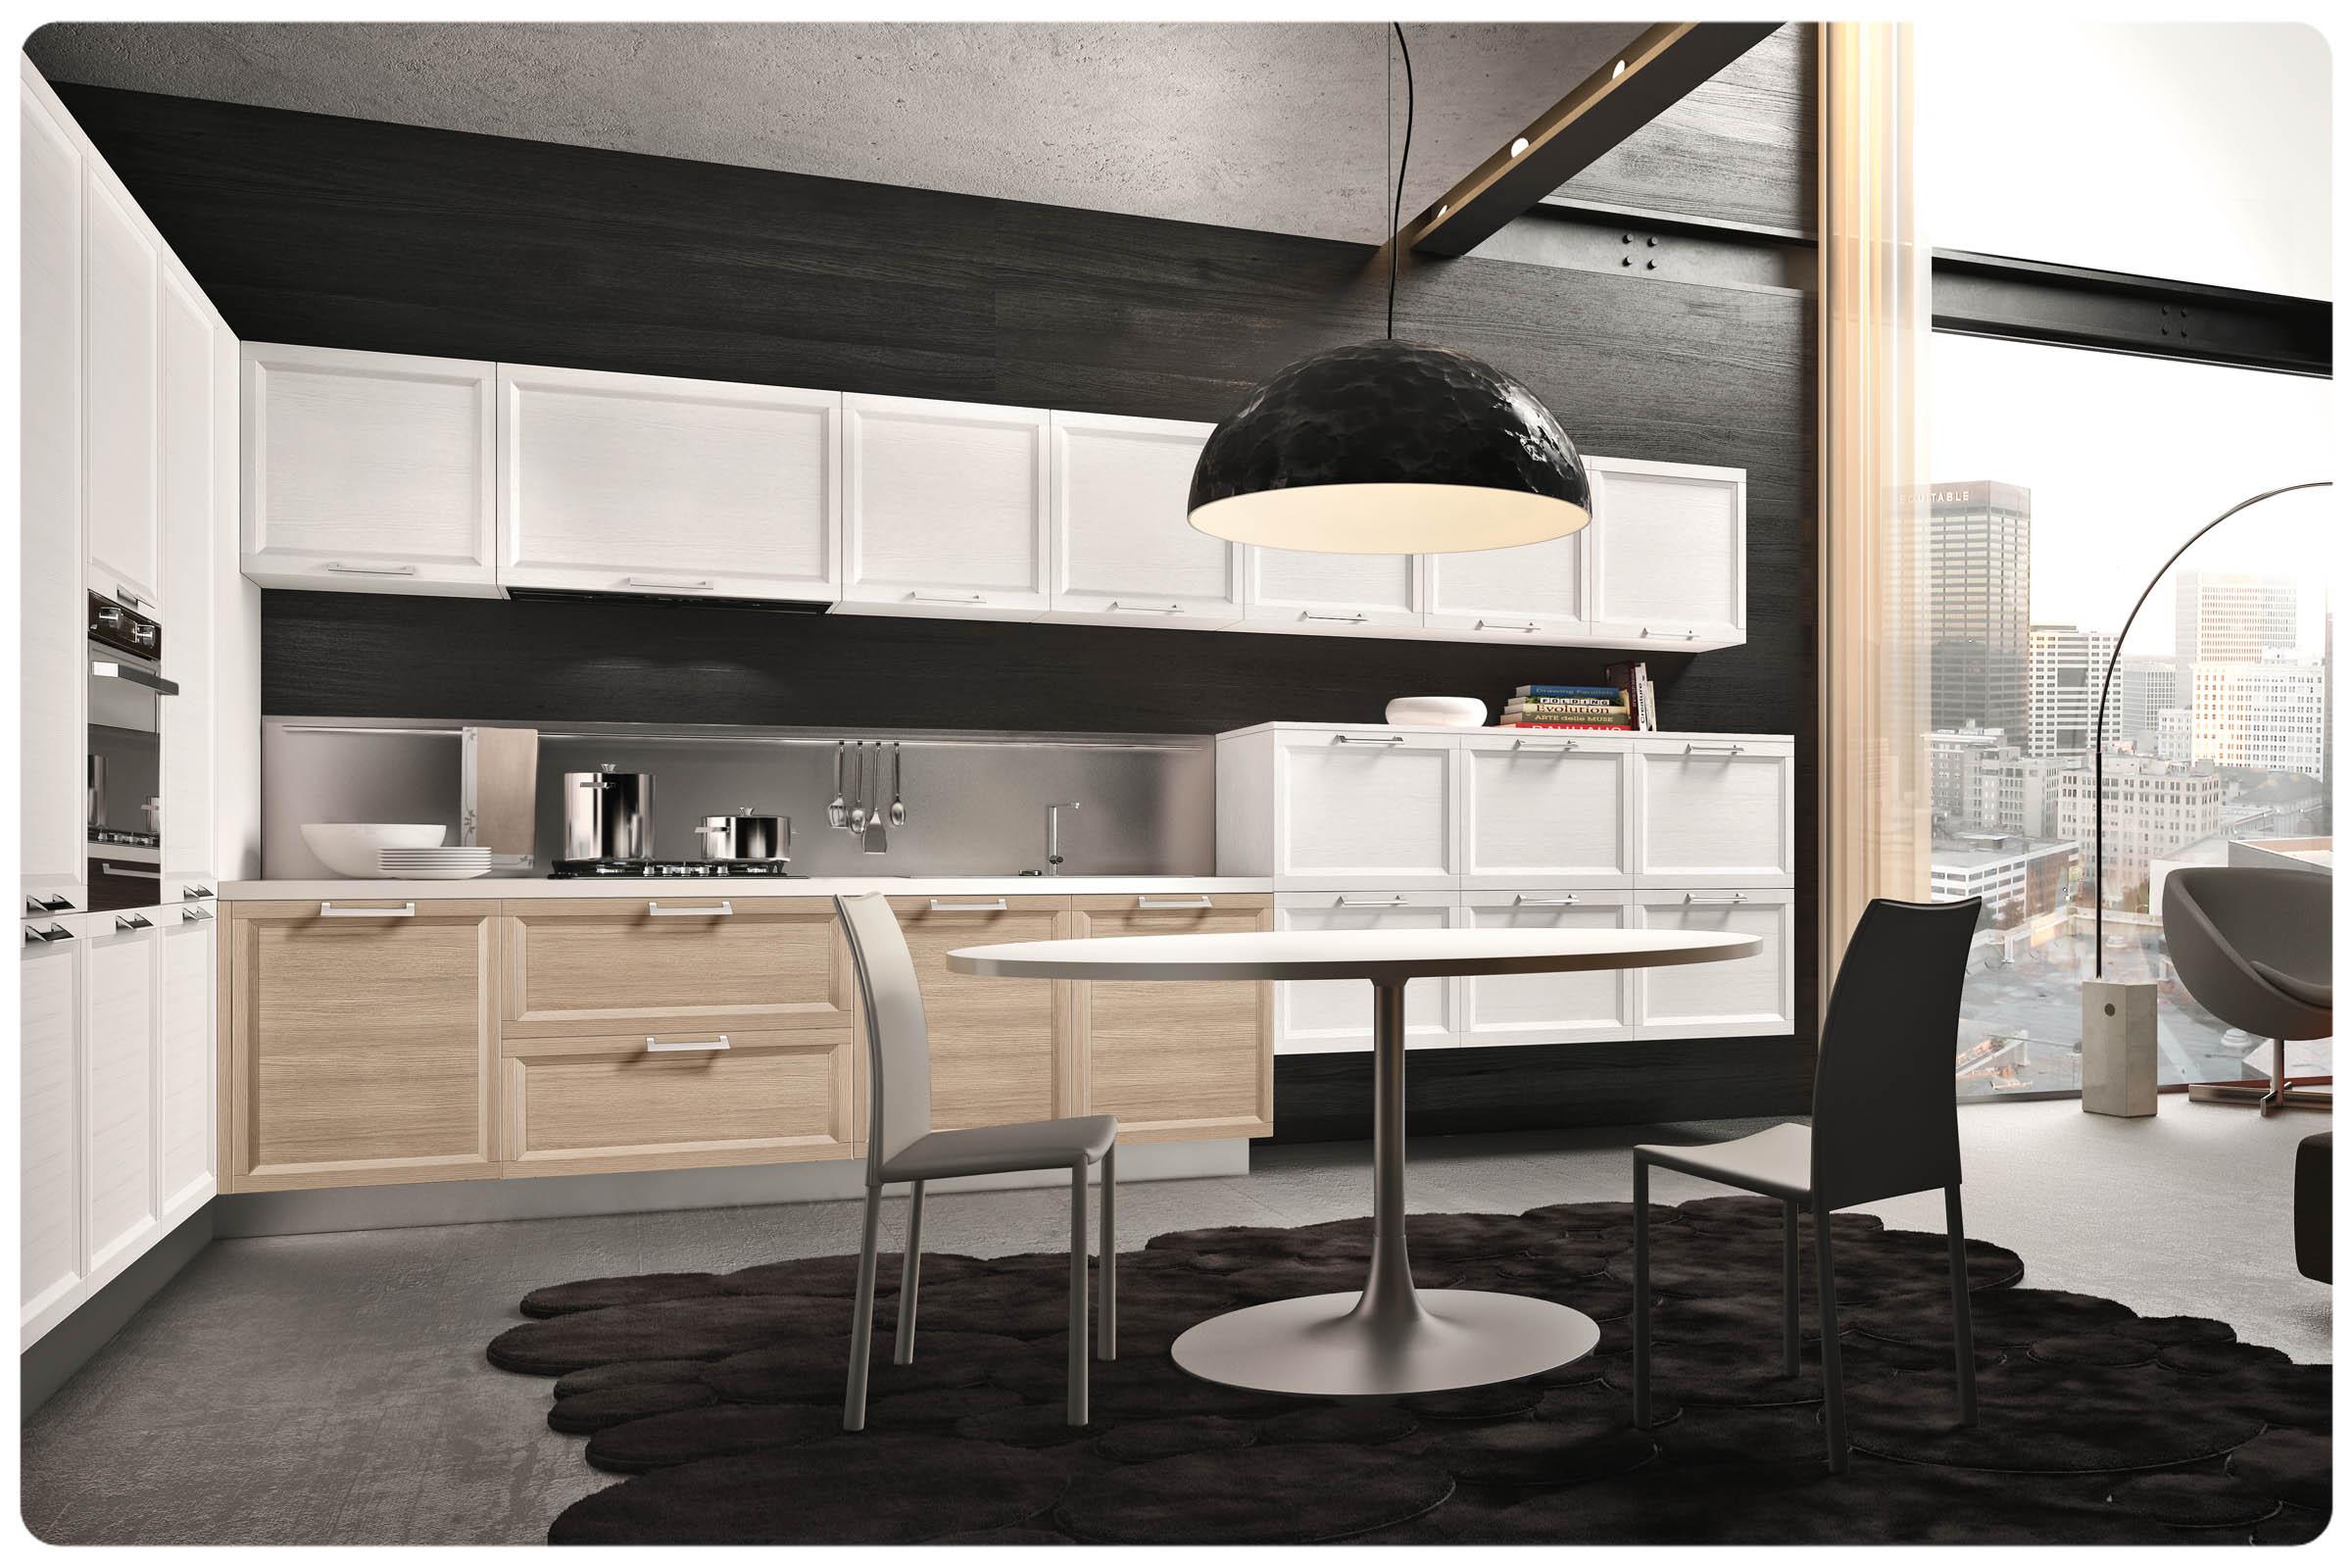 Devrijeminnerij idee di architettura d 39 interni e - Cucine componibili economiche ...